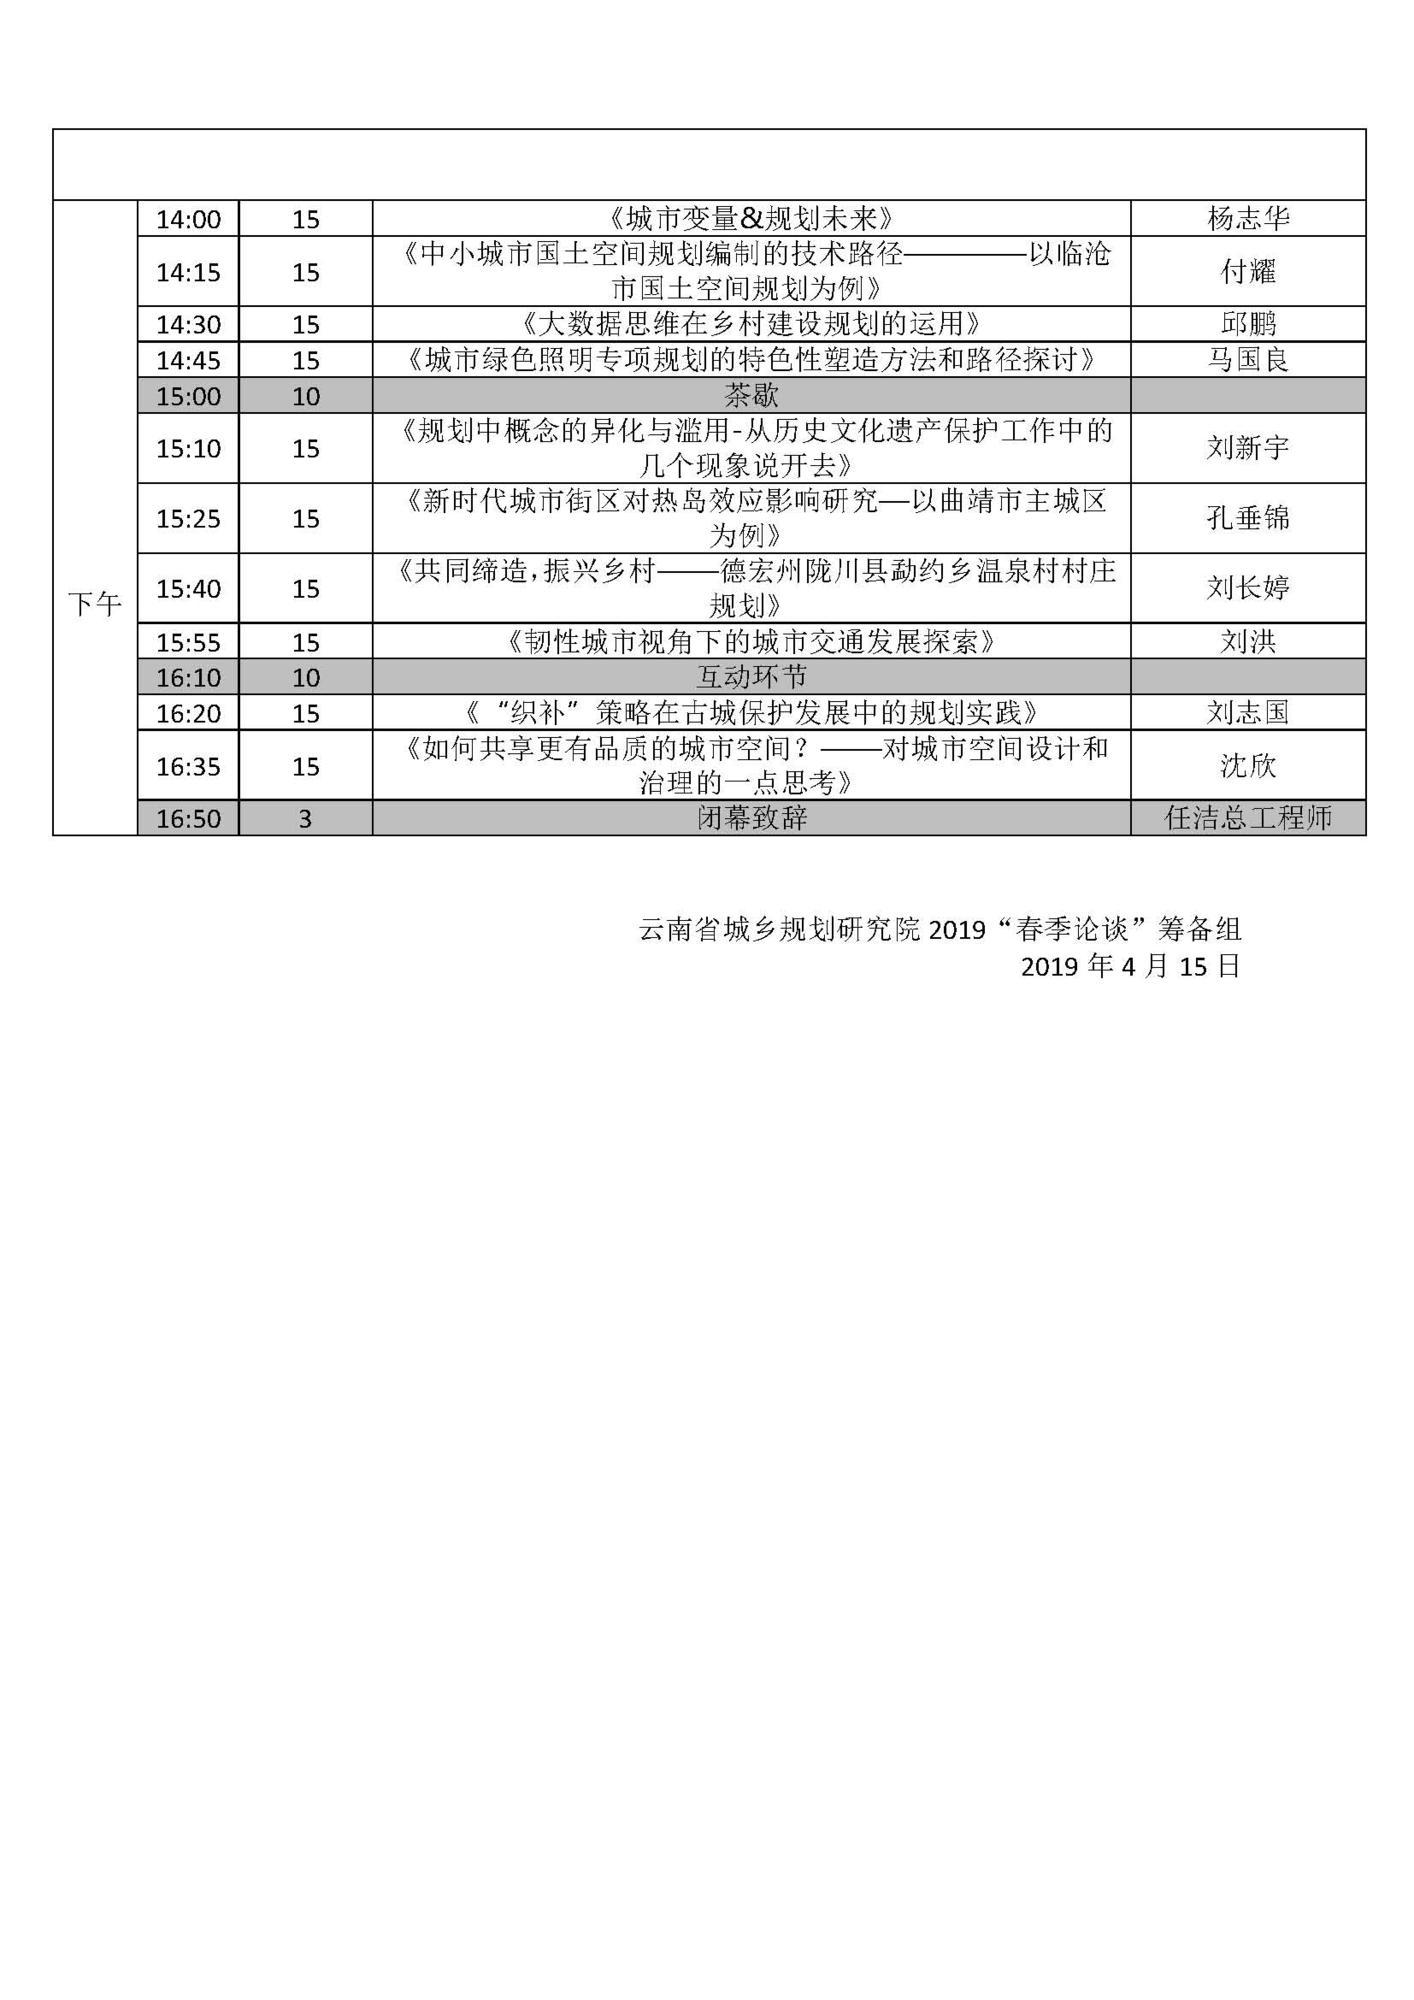 2019春季论谈流程_页面_2.jpg